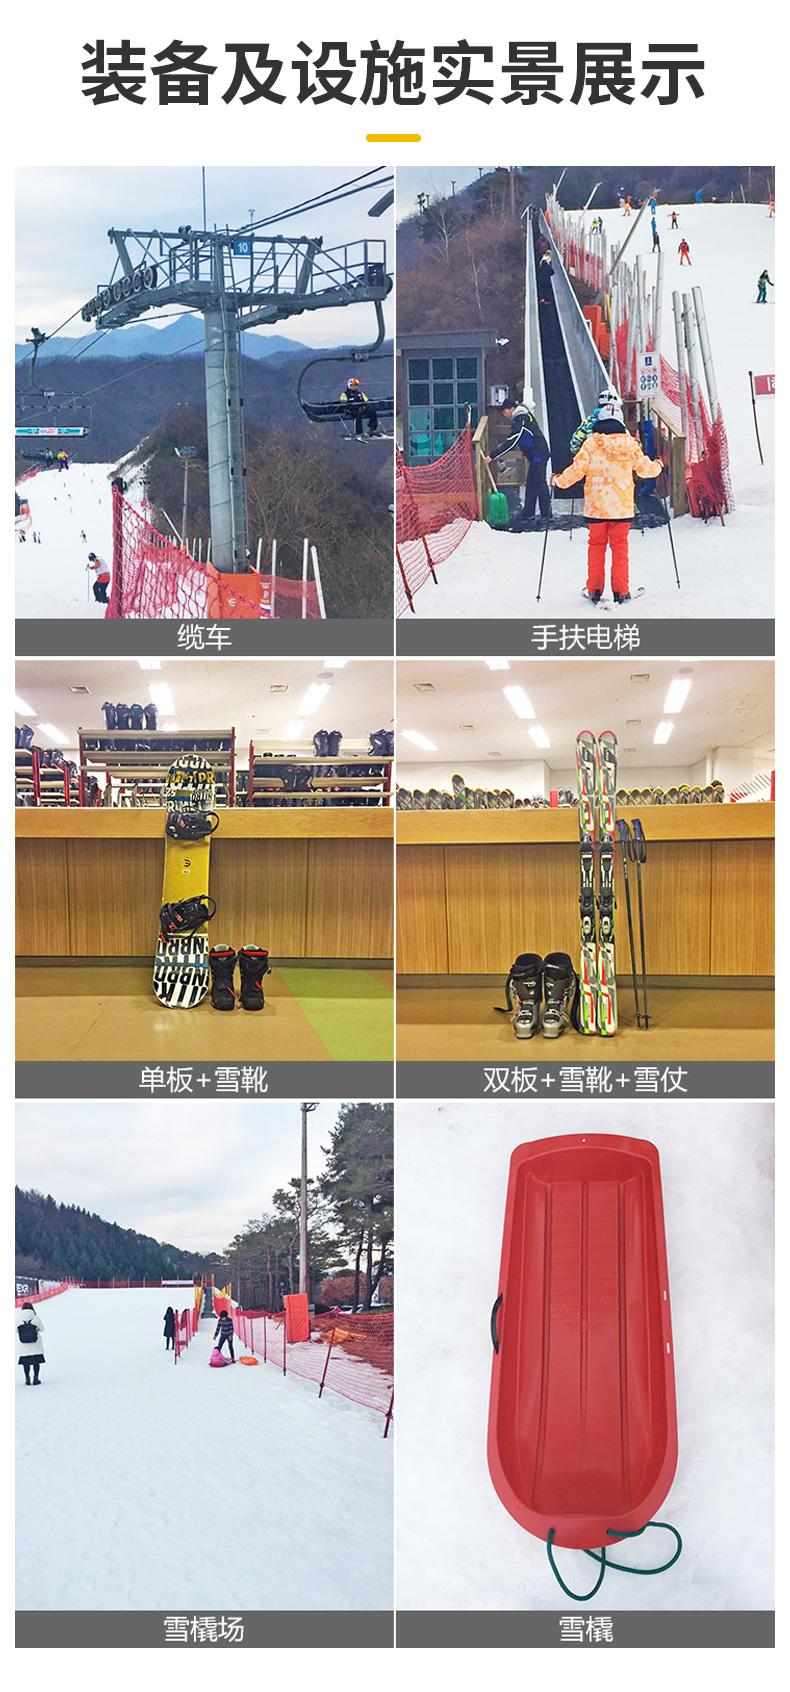 江原道伊利希安江村滑雪-详情页_12.jpg